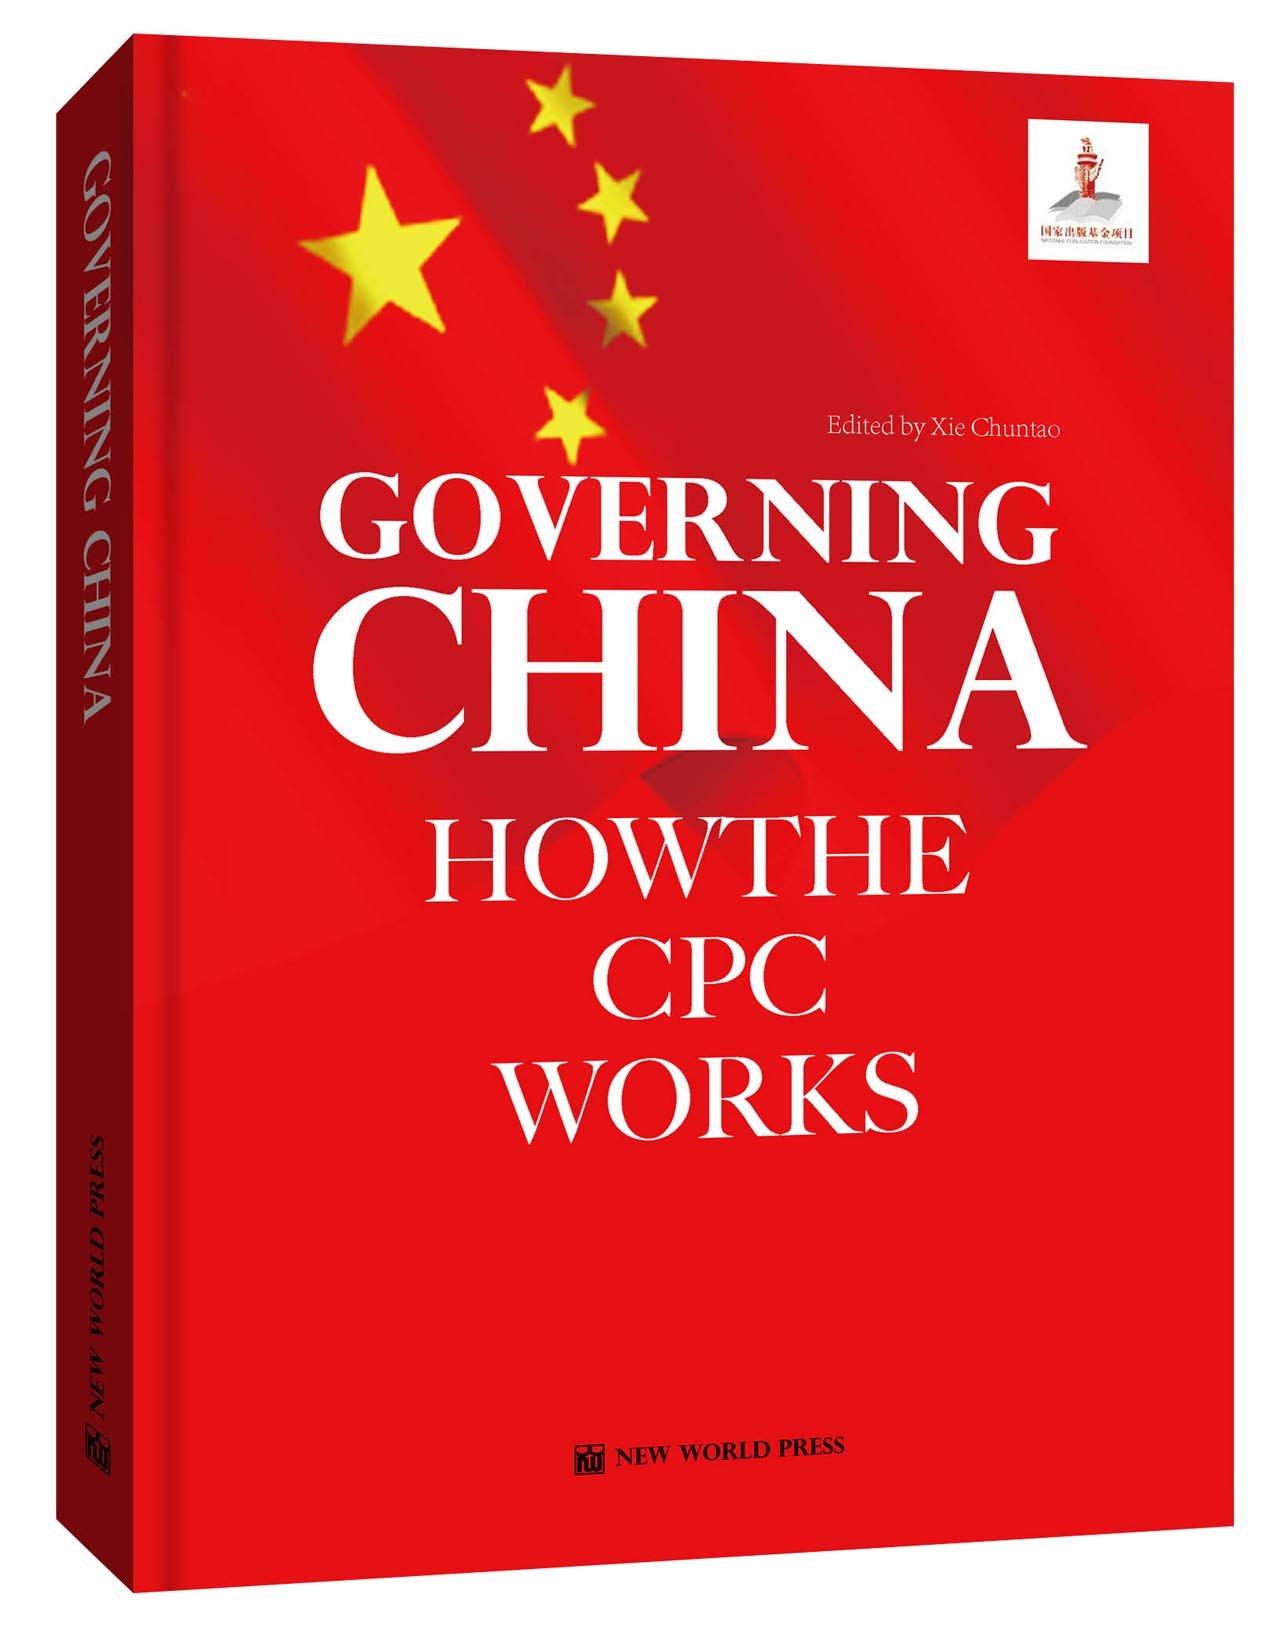 中国共产党如何治理国家?(英文版):亚马逊:图书